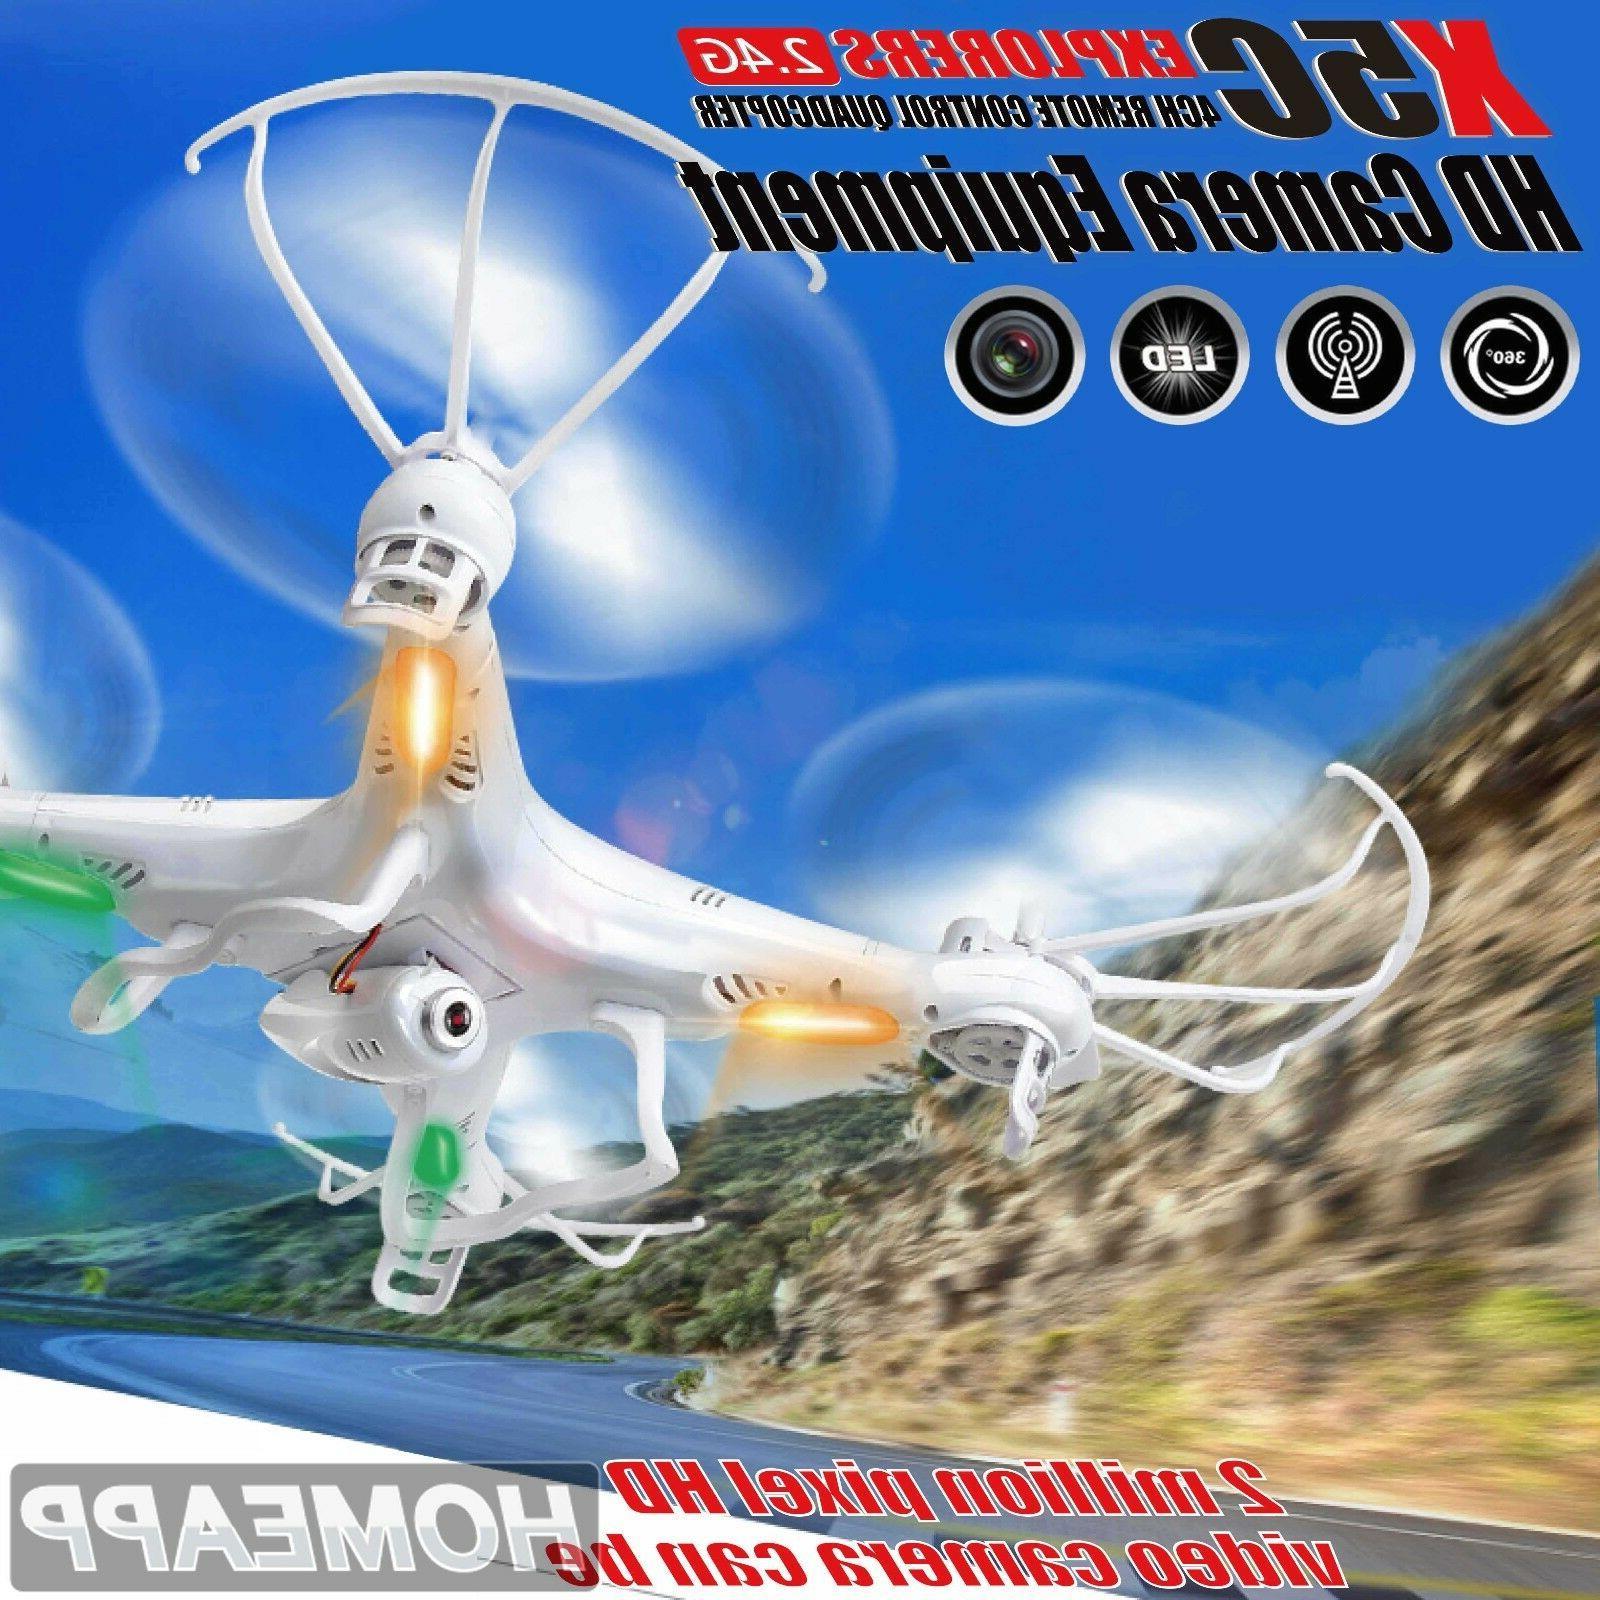 DW X5C Quadcopter Explorers 2.4G 4CH 6-Axis Gyro RC Quadcopt